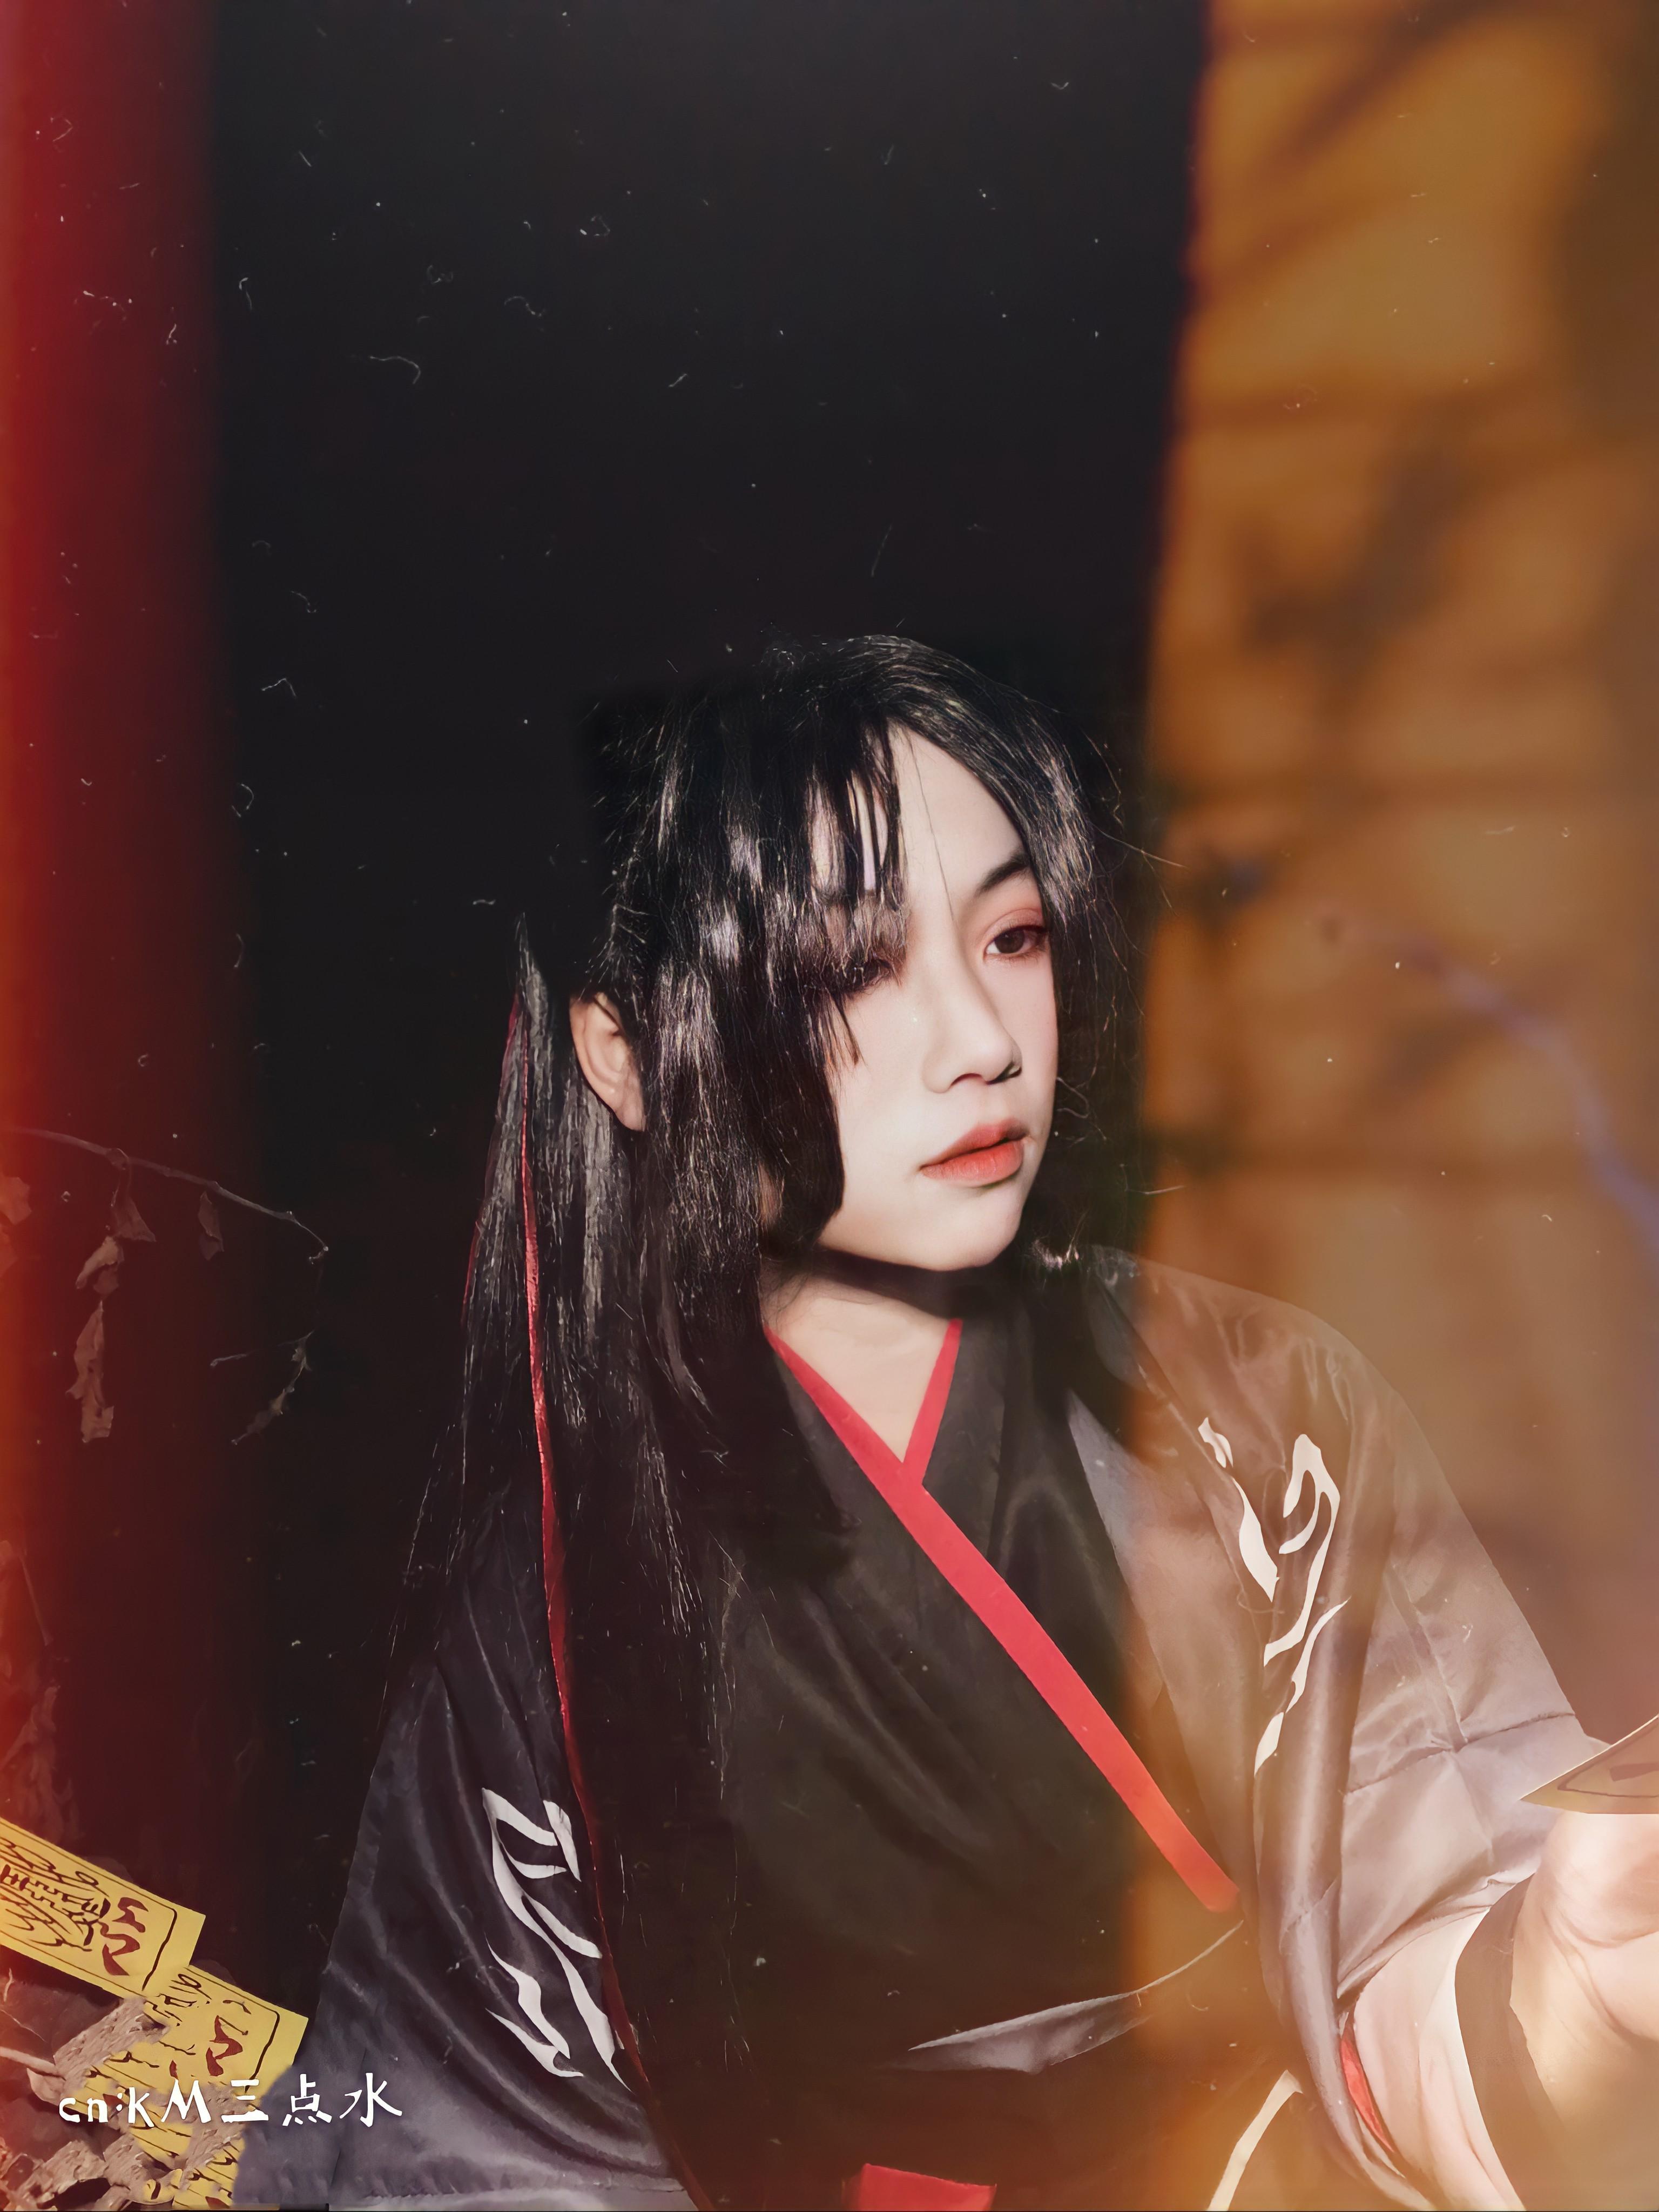 《魔道祖师》三点cosplay【CN:kM三点水.妖大】-第2张